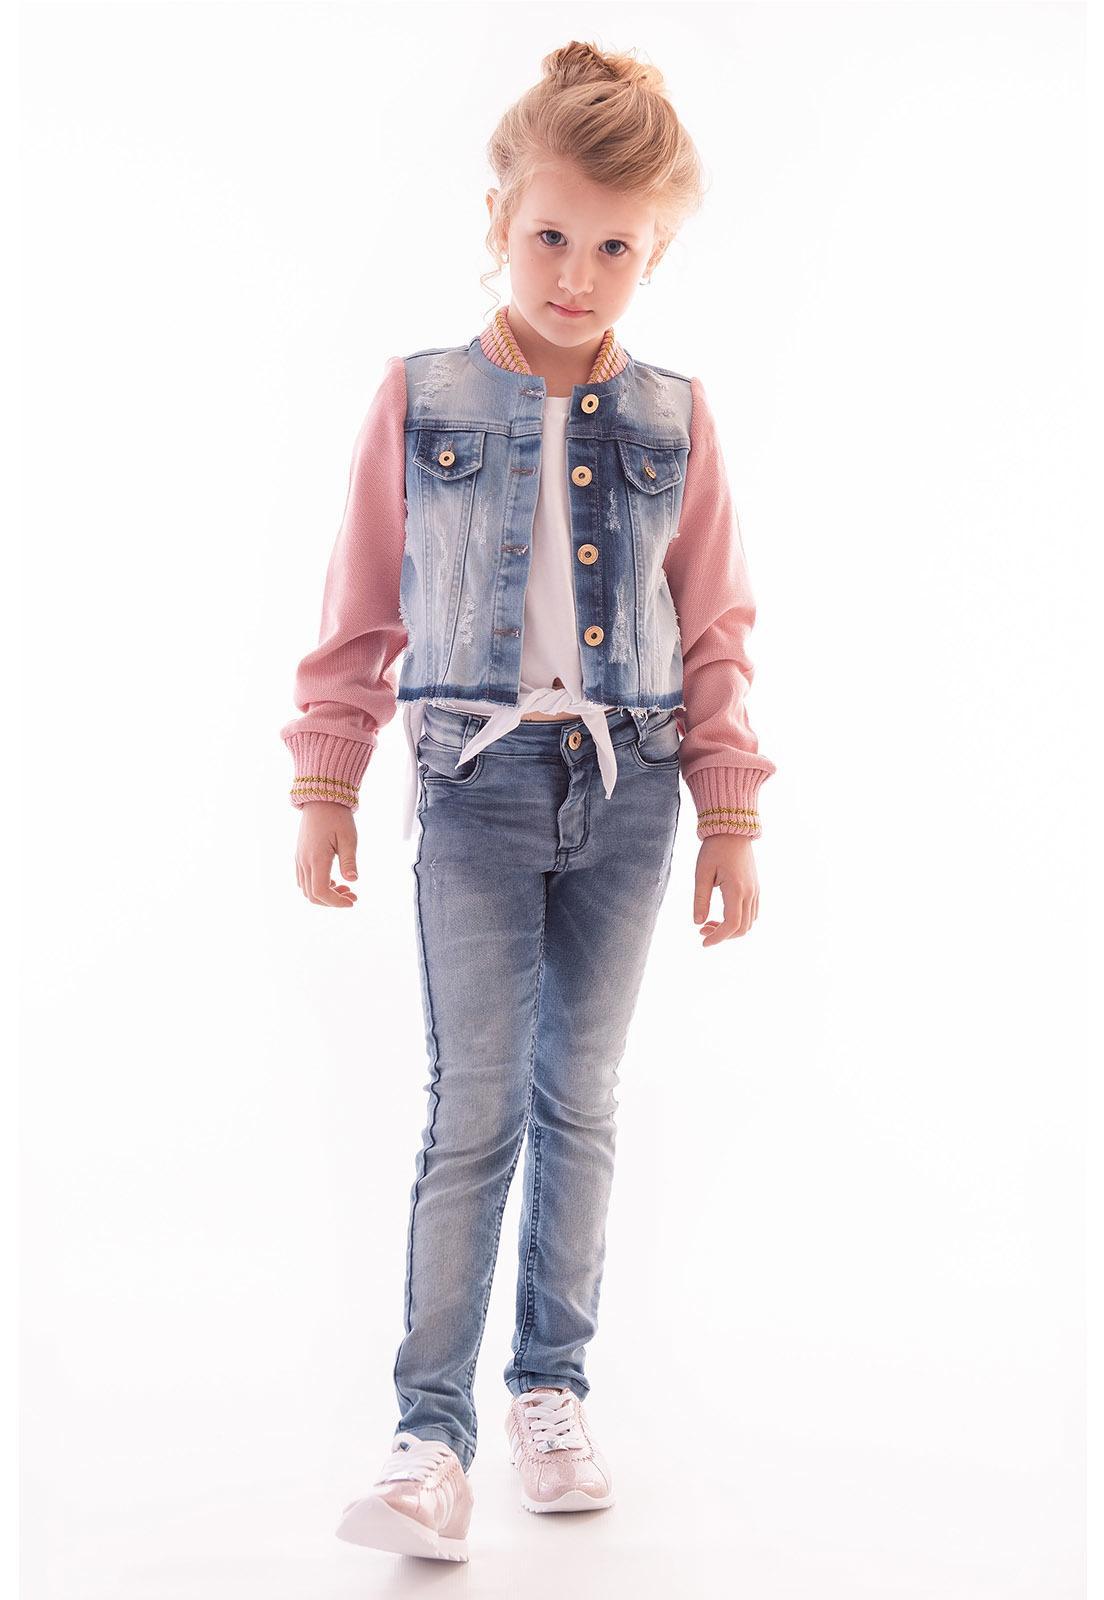 Jaqueta Jeans com Manga e Gola de Retilínea Ref. 482